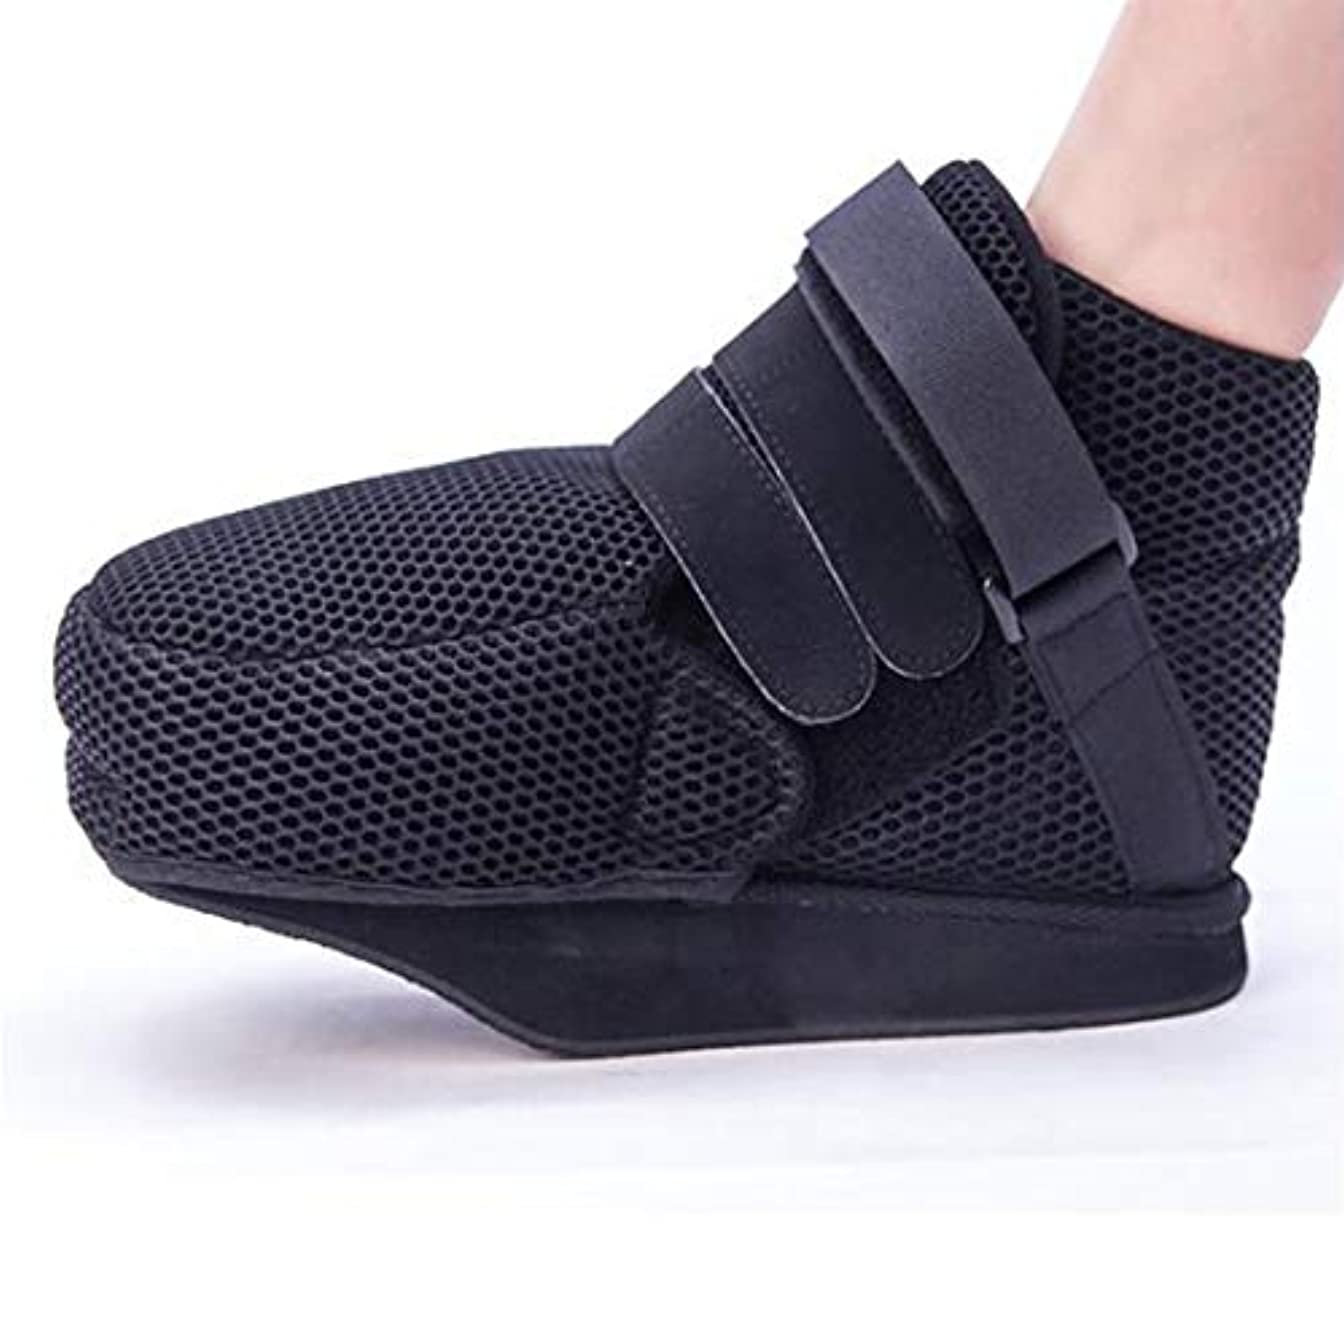 不運言うまでもなく大使館医療足骨折石膏の回復靴の手術後のつま先の靴を安定化骨折の靴を調整可能なファスナーで完全なカバー,S24cm